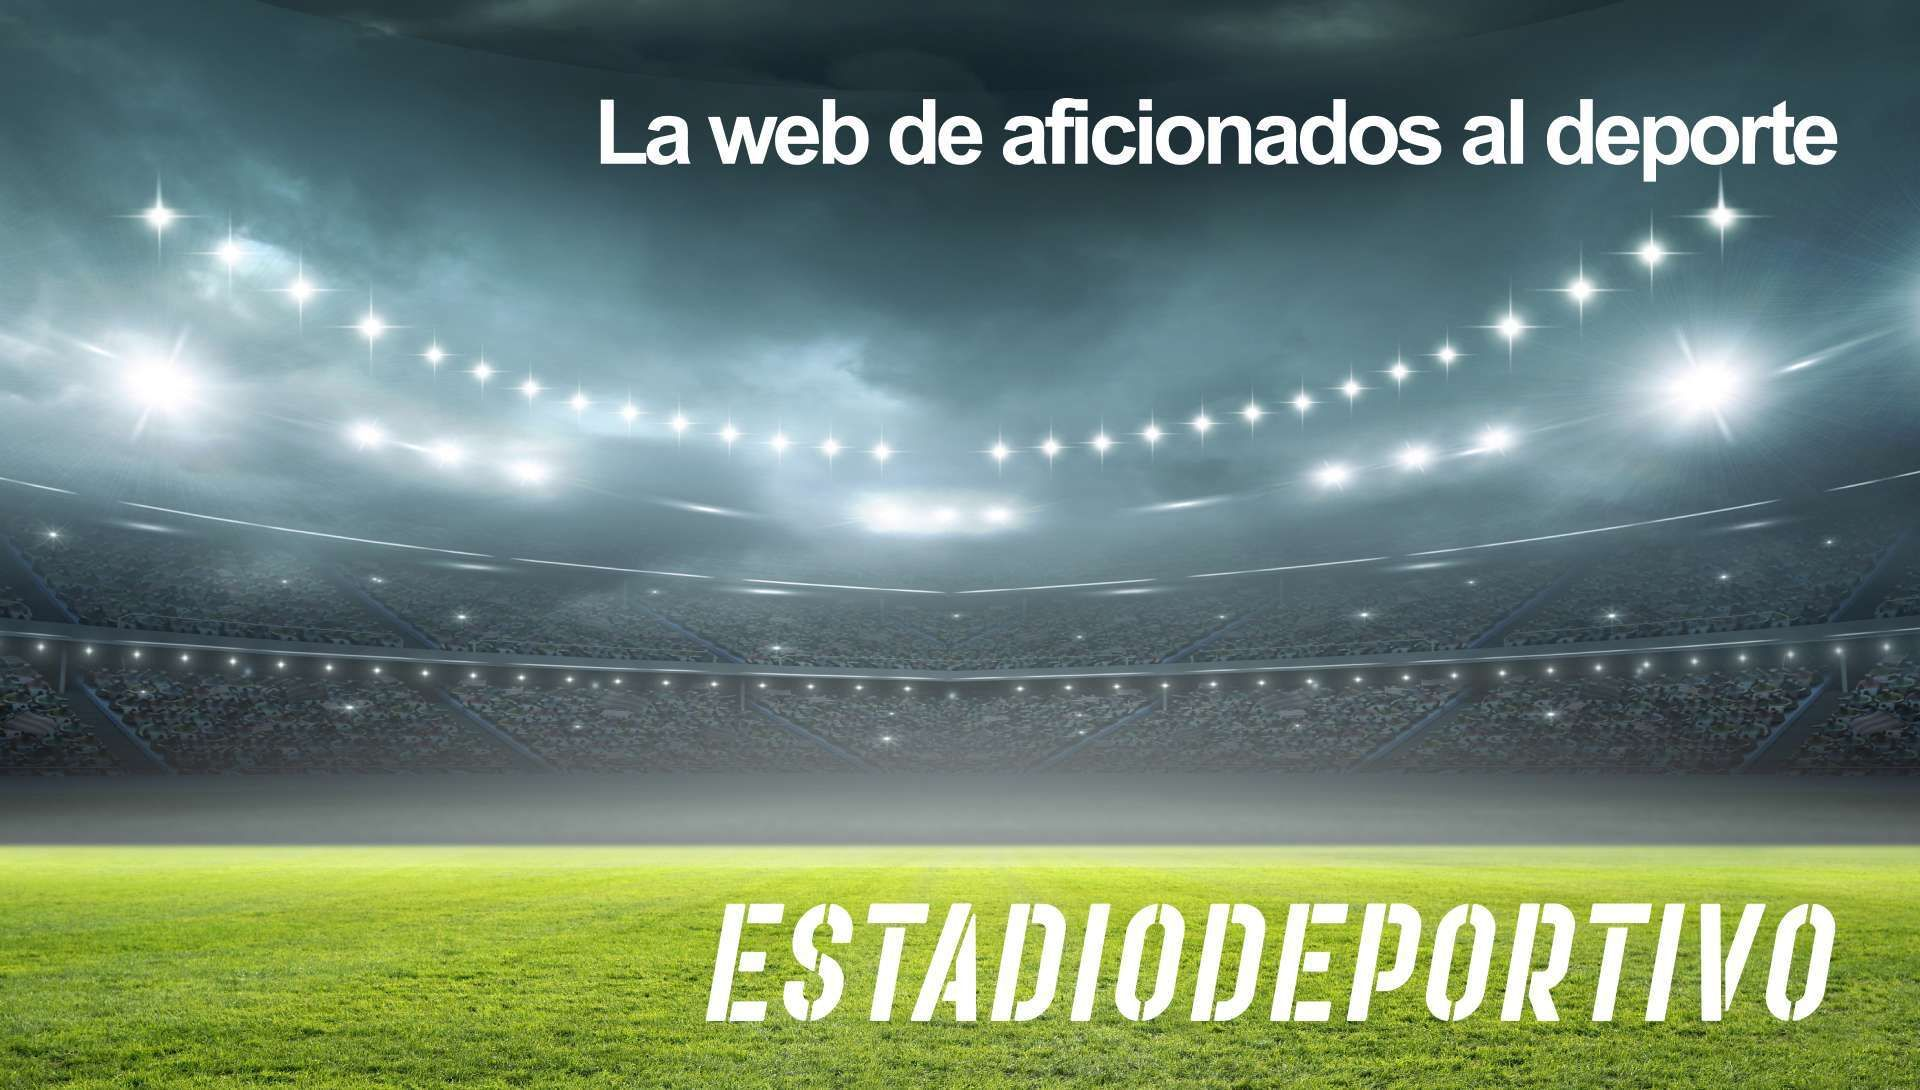 Las portadas del viernes 23 de abril